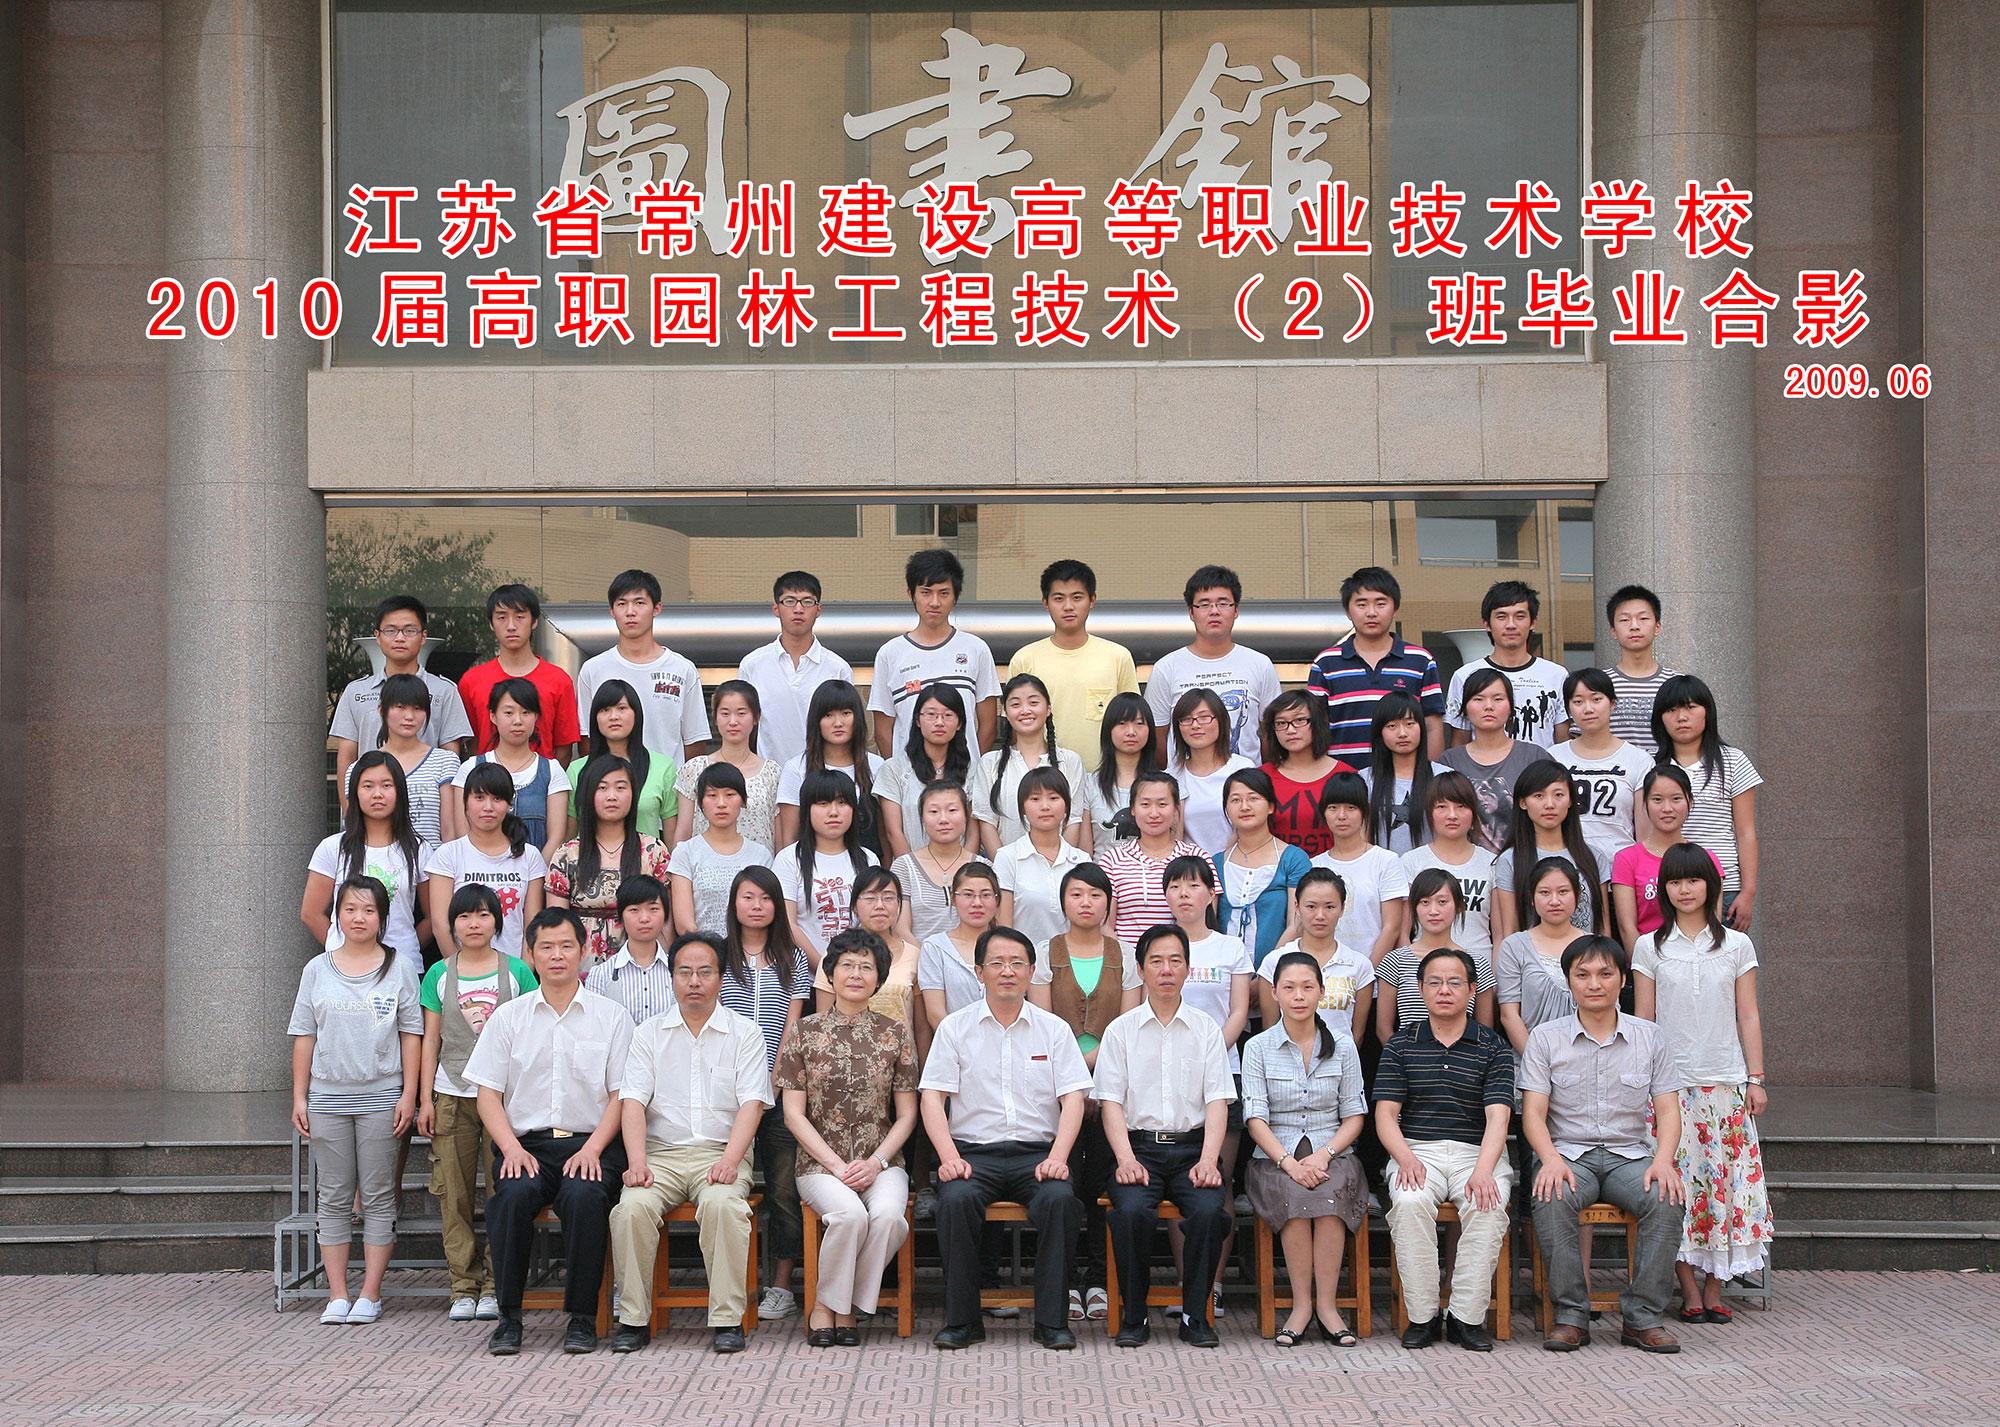 2010届高职园林工程技术(2)班毕...